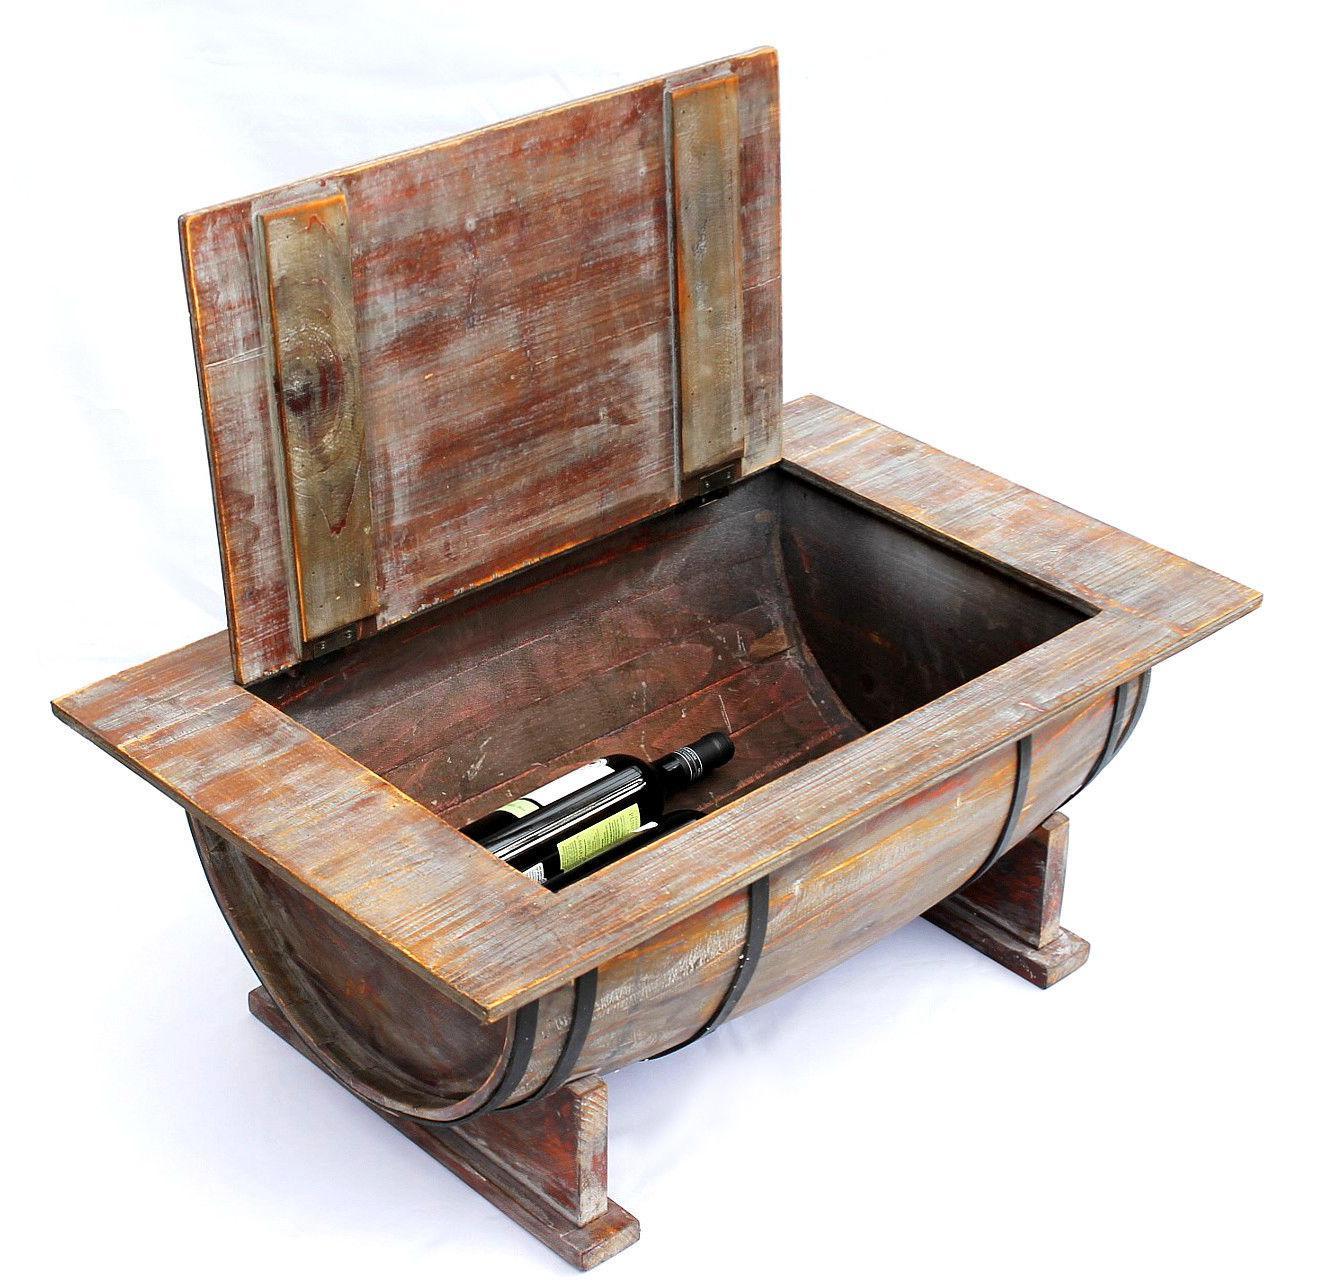 couchtisch weinfass 5084 tisch aus holz weinregal 80 cm beistelltisch wein bar 4260407933448 ebay. Black Bedroom Furniture Sets. Home Design Ideas